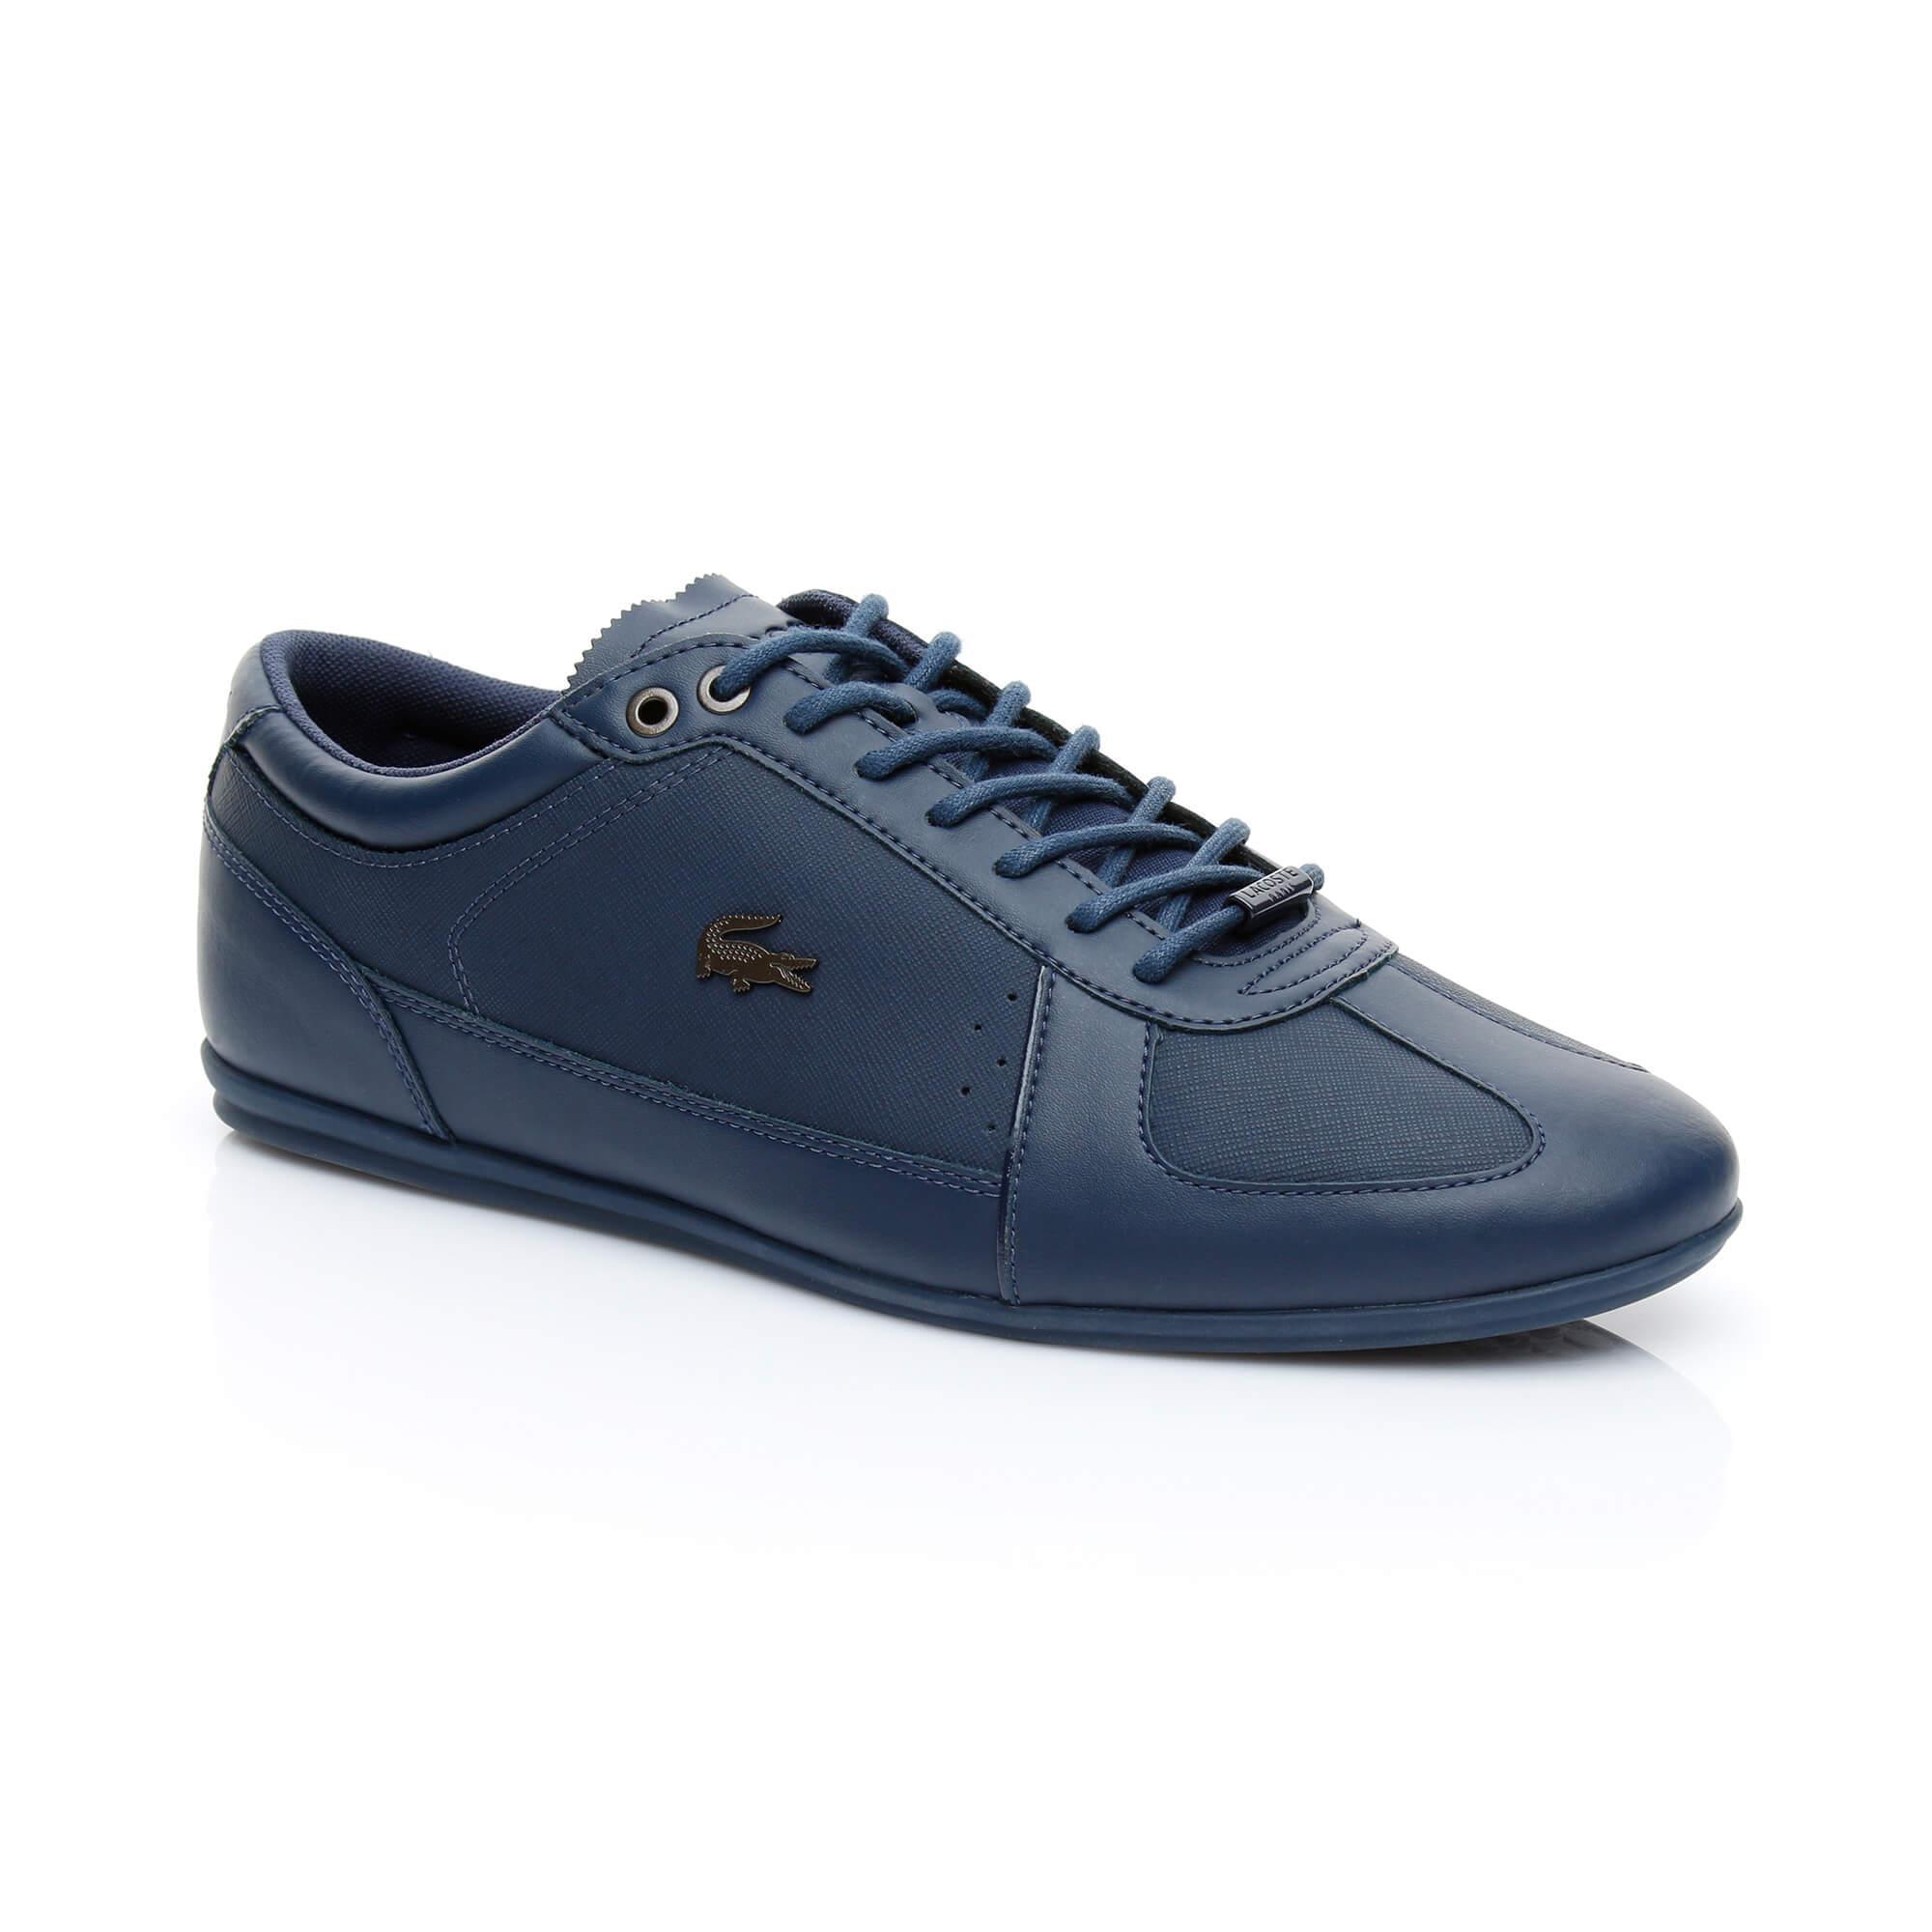 Lacoste кросівки чоловічі Evara